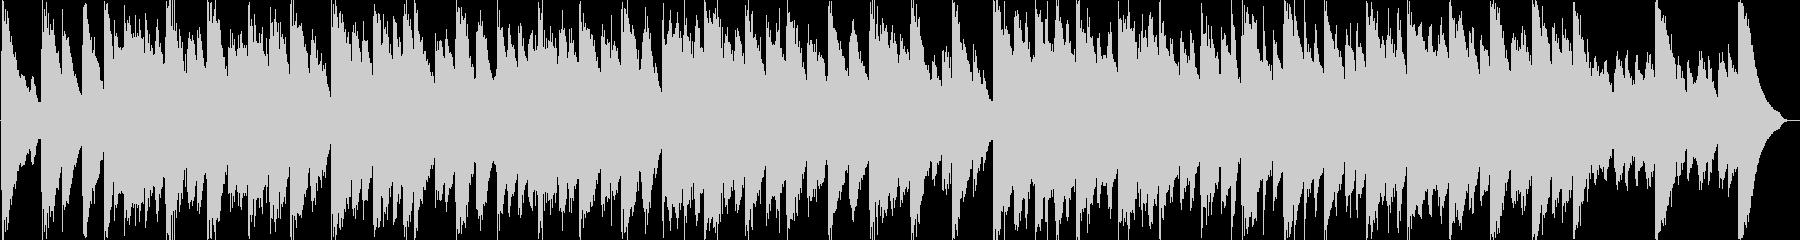 バロックのチェンバロだけのアンサンブルの未再生の波形